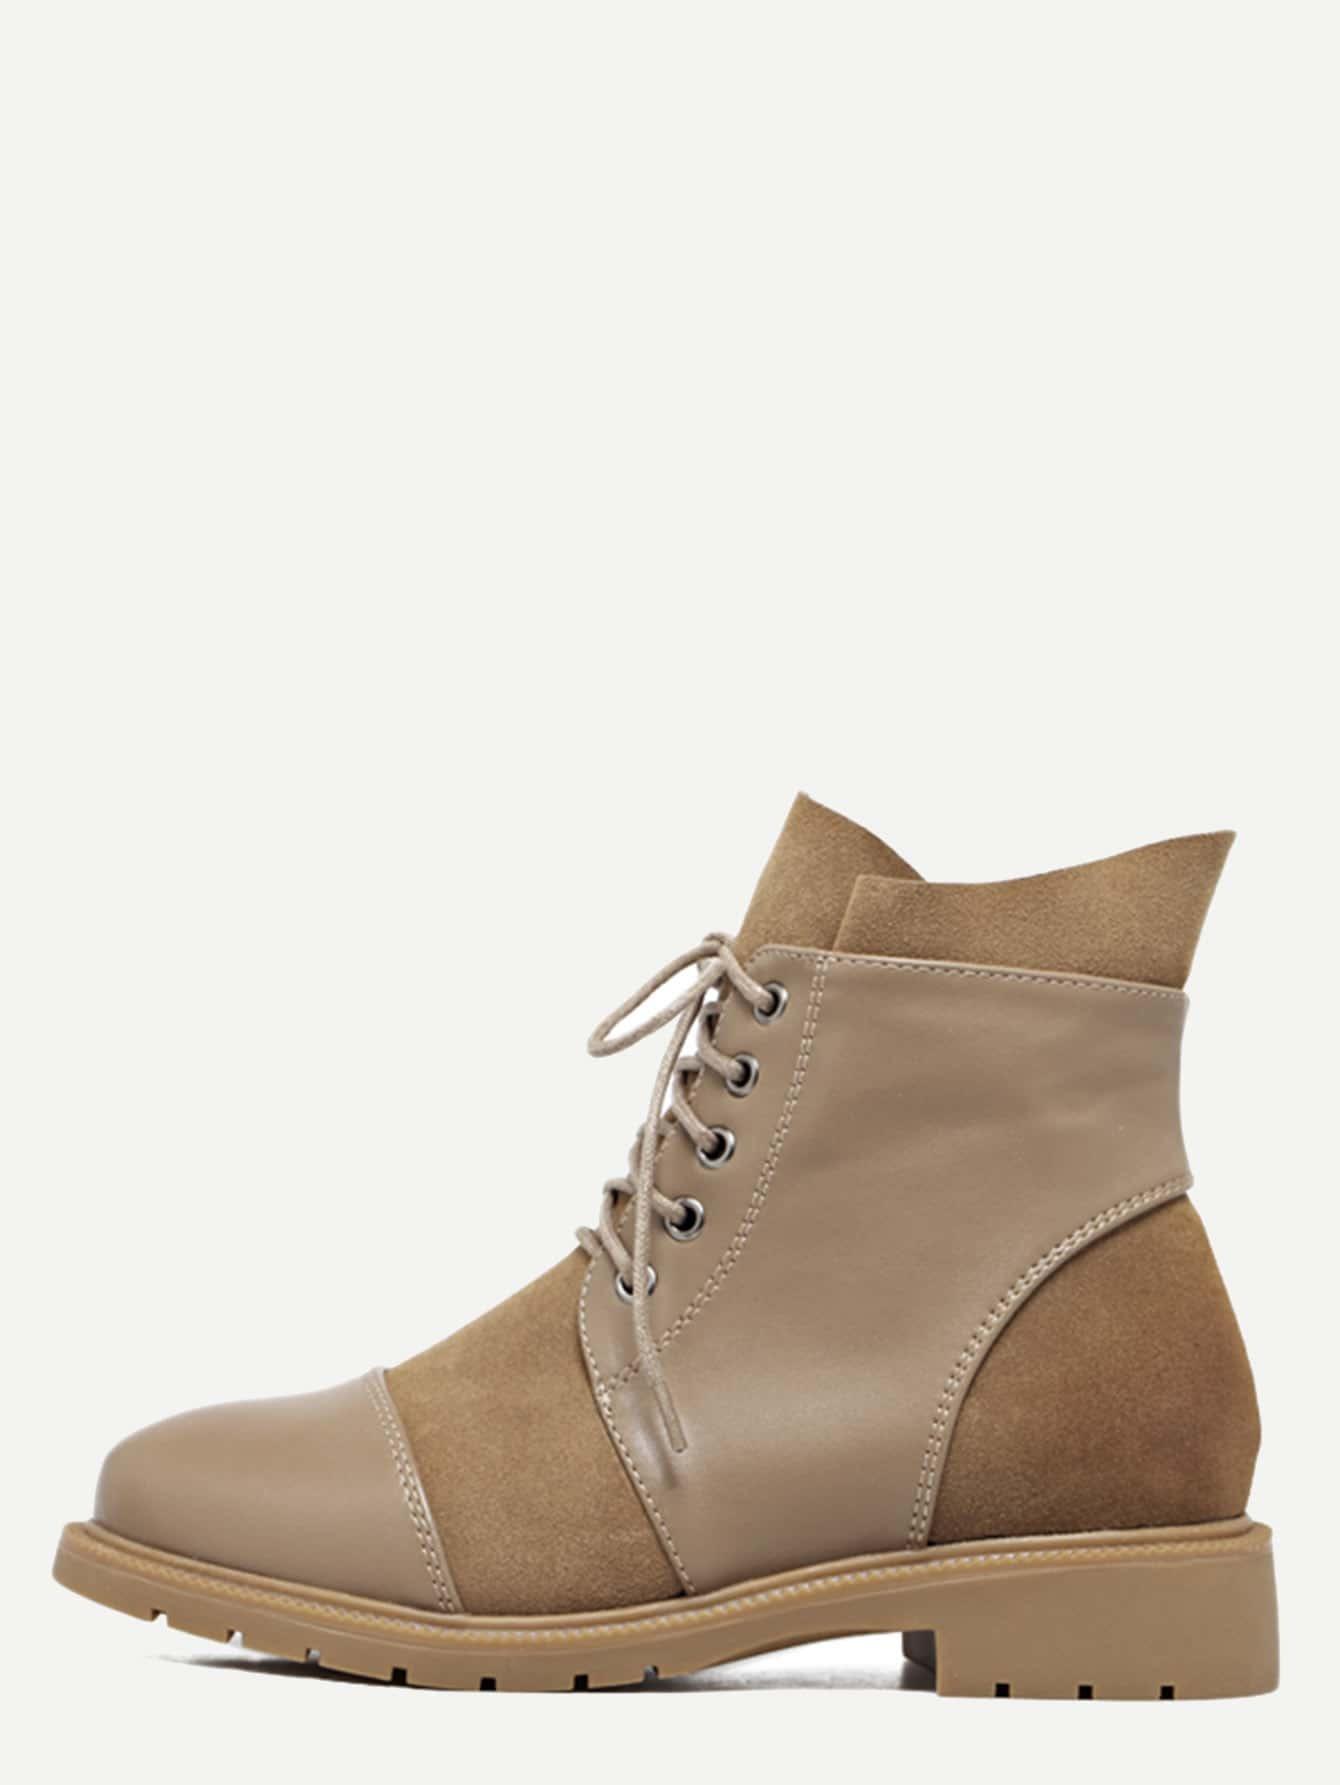 shoes161024807_2